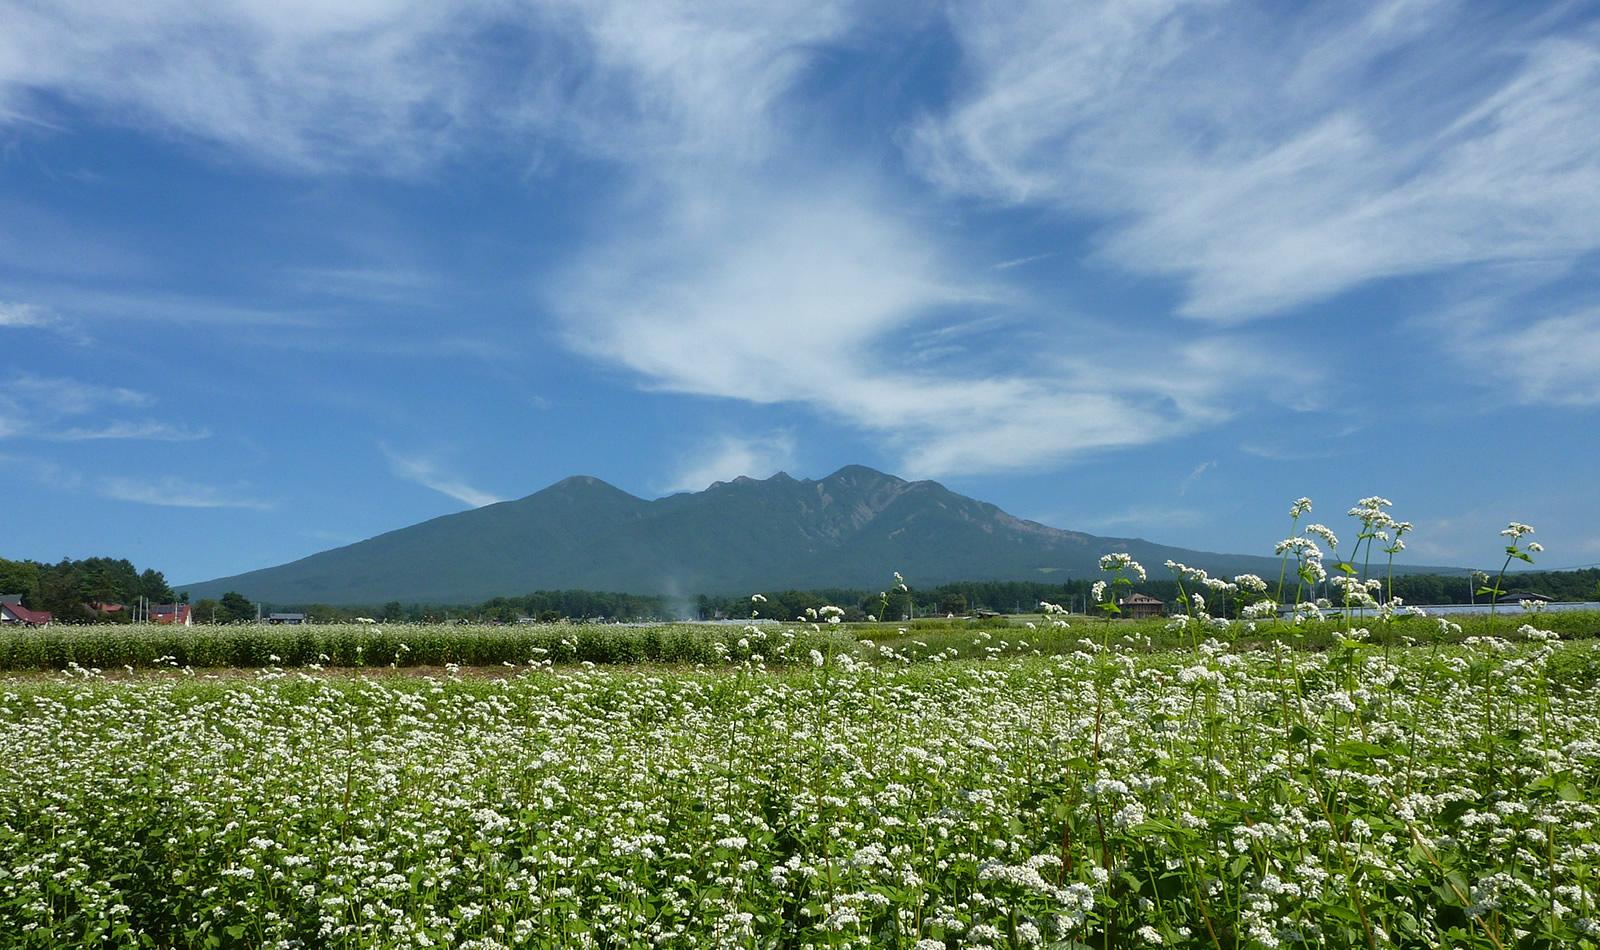 小淵沢観光おすすめスポットランキング!温泉や名所まとめてご紹介